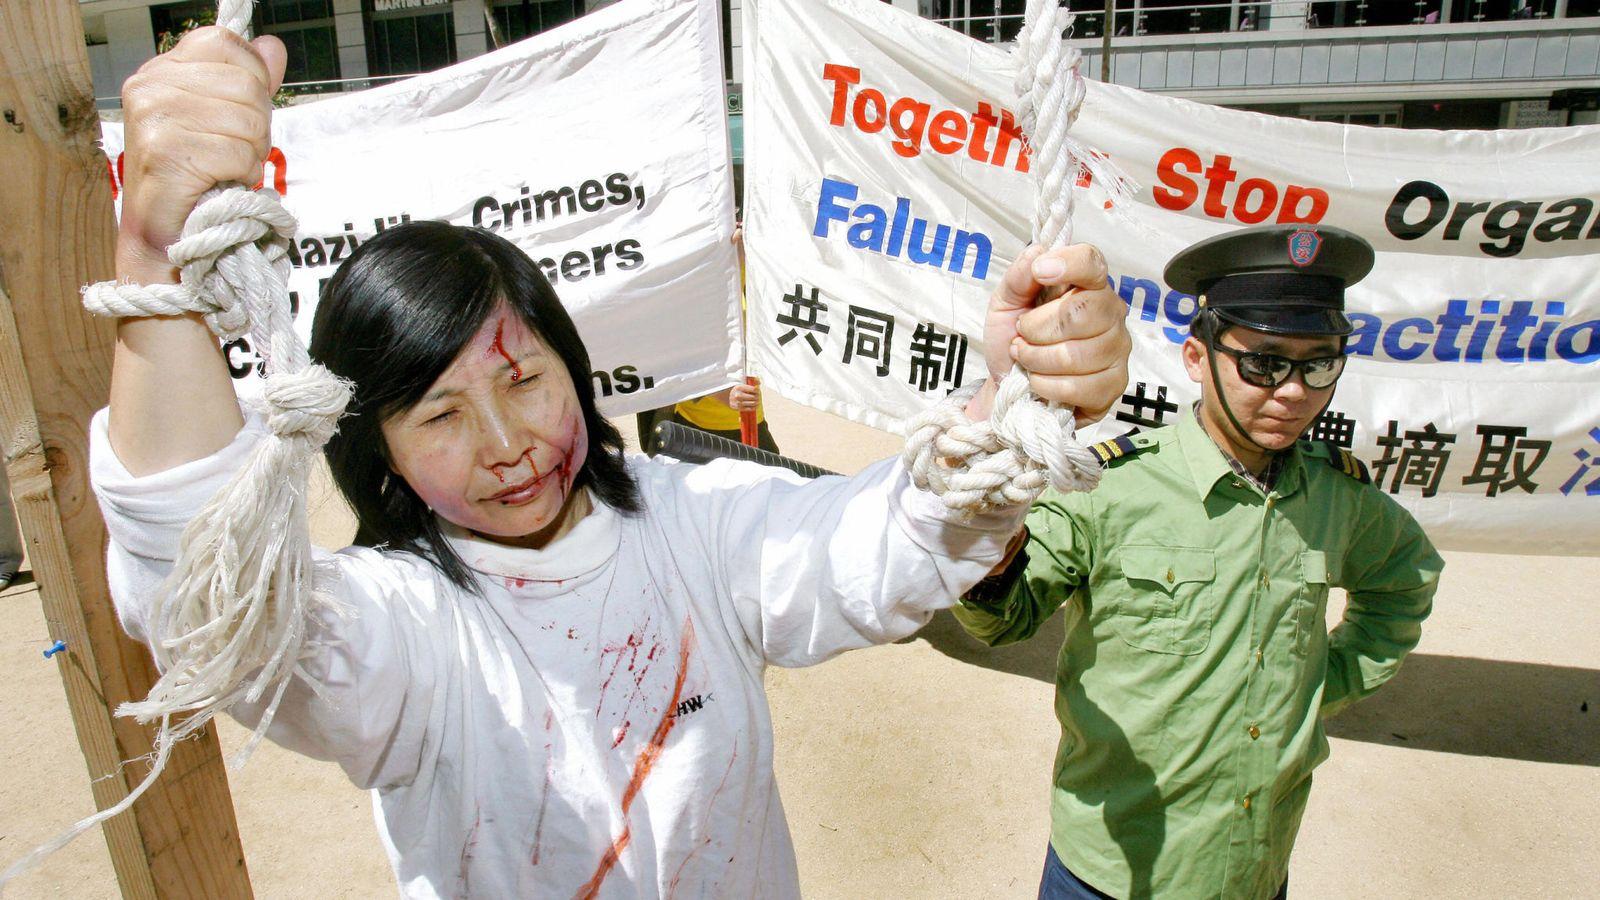 Những tù nhân ở Trung Quốc bị buộc kiểm tra máu và nội tạng. (Ảnh minh họa)